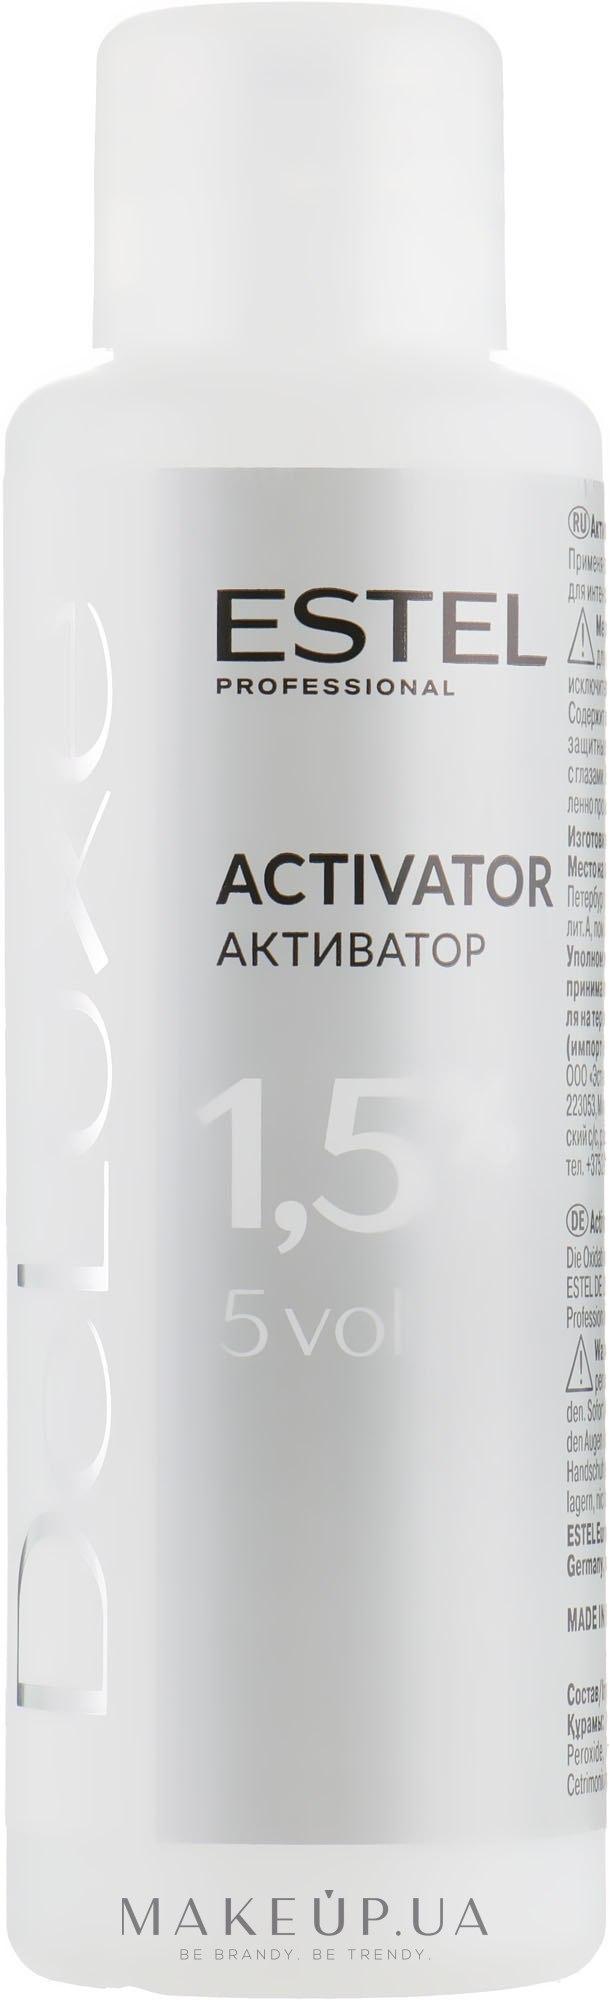 Активатор - Estel Professional De Luxe Activator 1.5% — фото 60ml